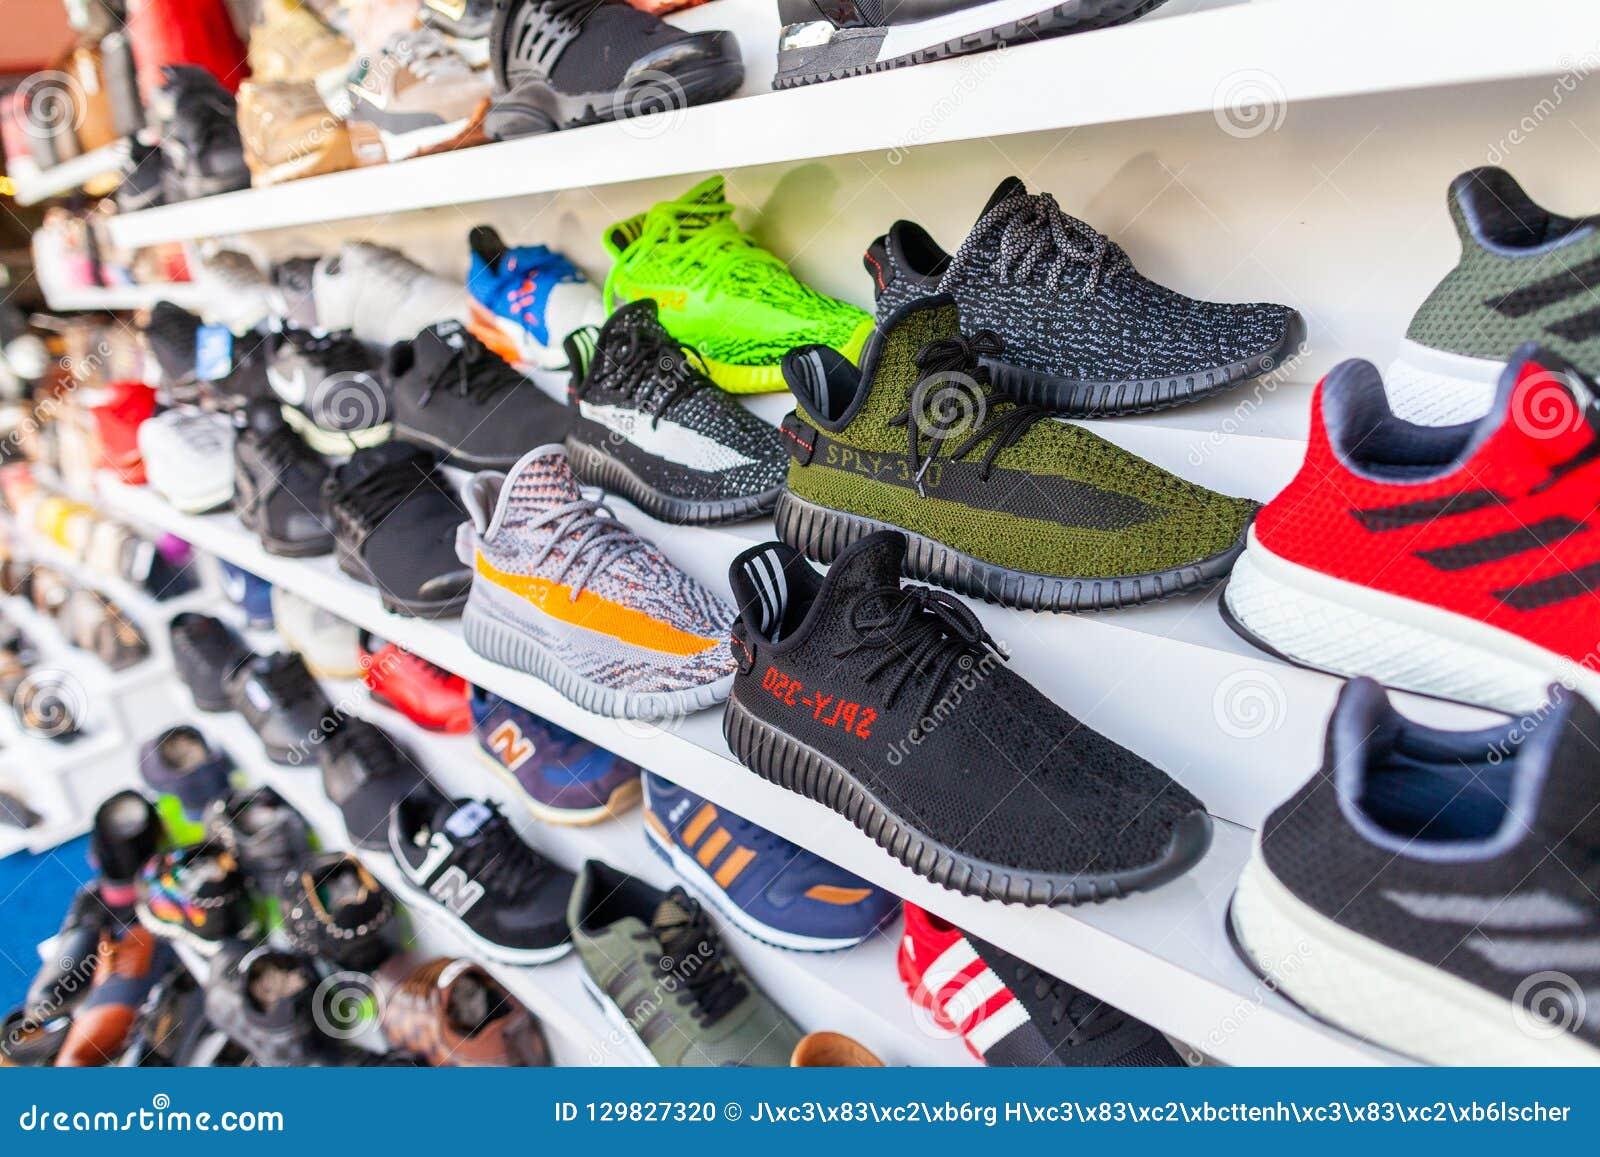 4613aa717050 ALANYA/TURQUIE - 30 SEPTEMBRE 2018 : Les chaussures de différentes marques  se tient dans un magasin dans Alanya